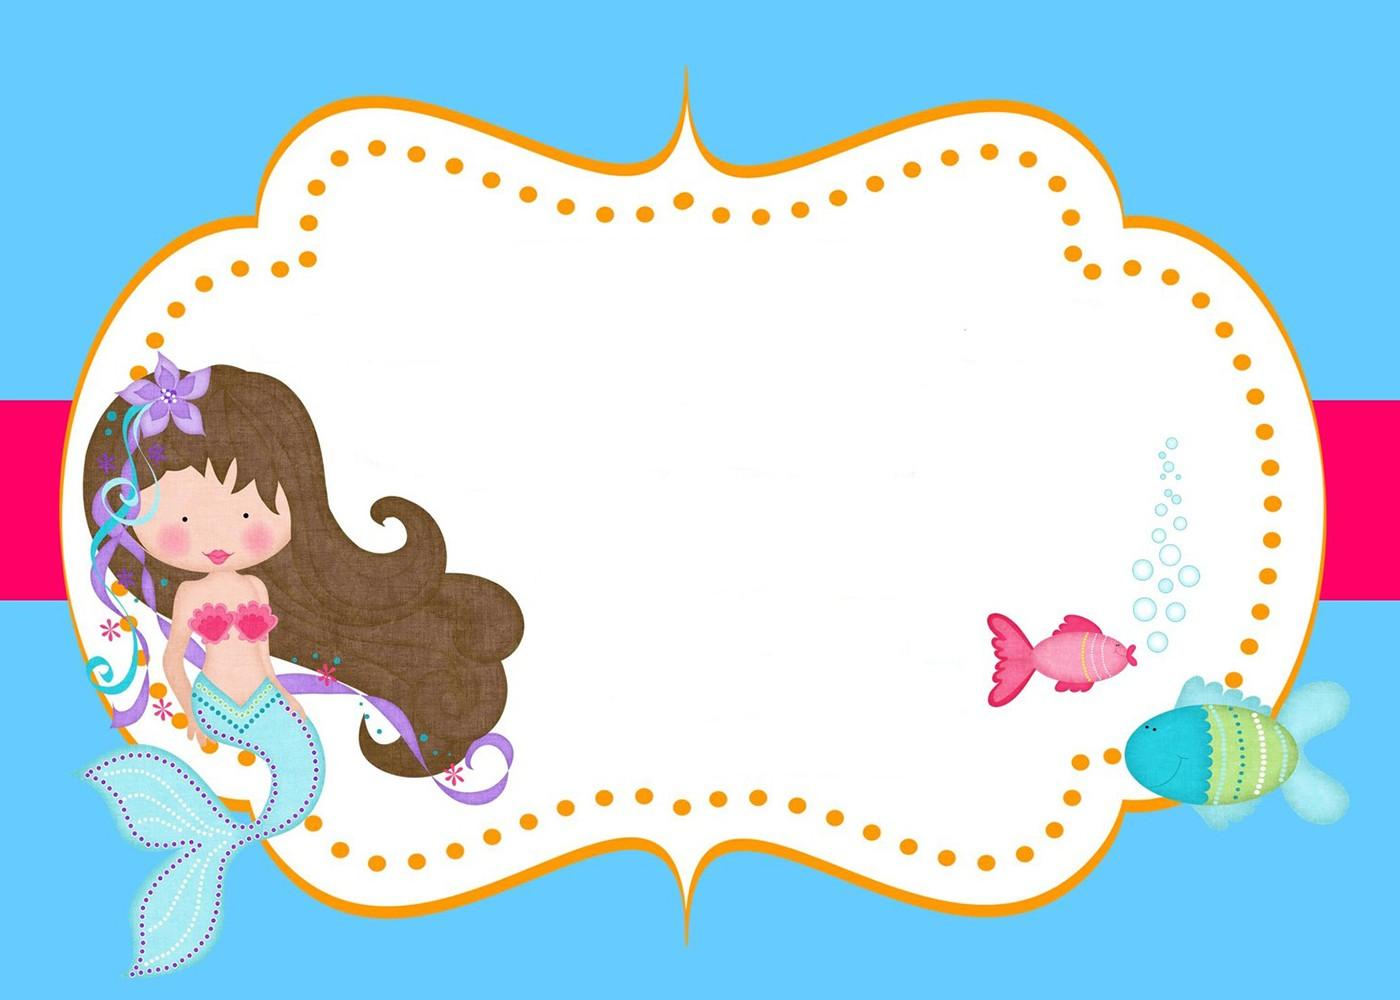 Little Mermaid Free Printable Invitation Templates  Invitations Online